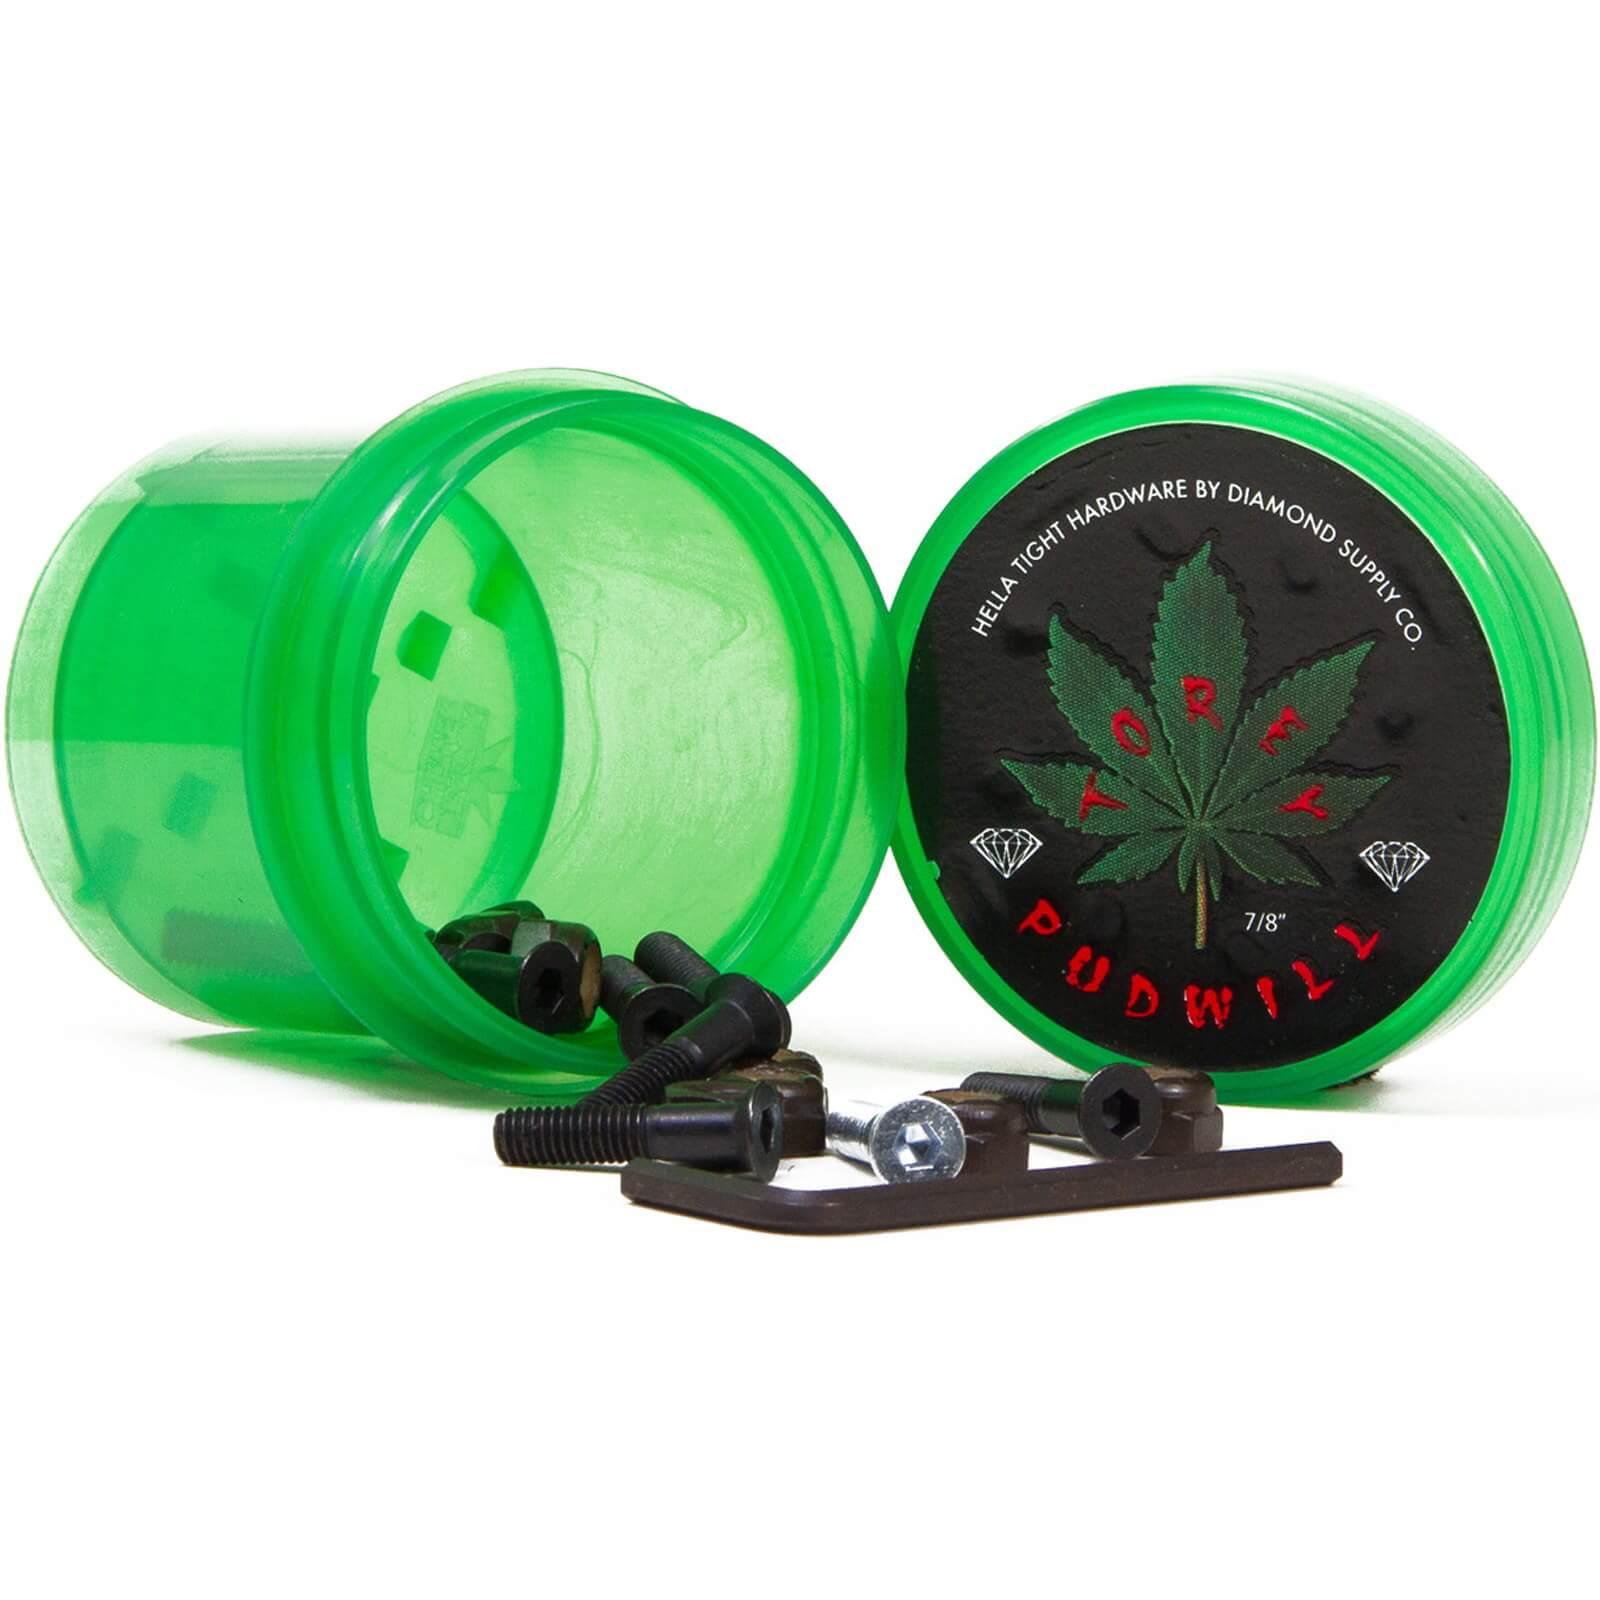 """Diamond Torey Pudwill Allen Hella Tight Allen with Green Grinder Skateboard Hardware Set - 7/8"""""""